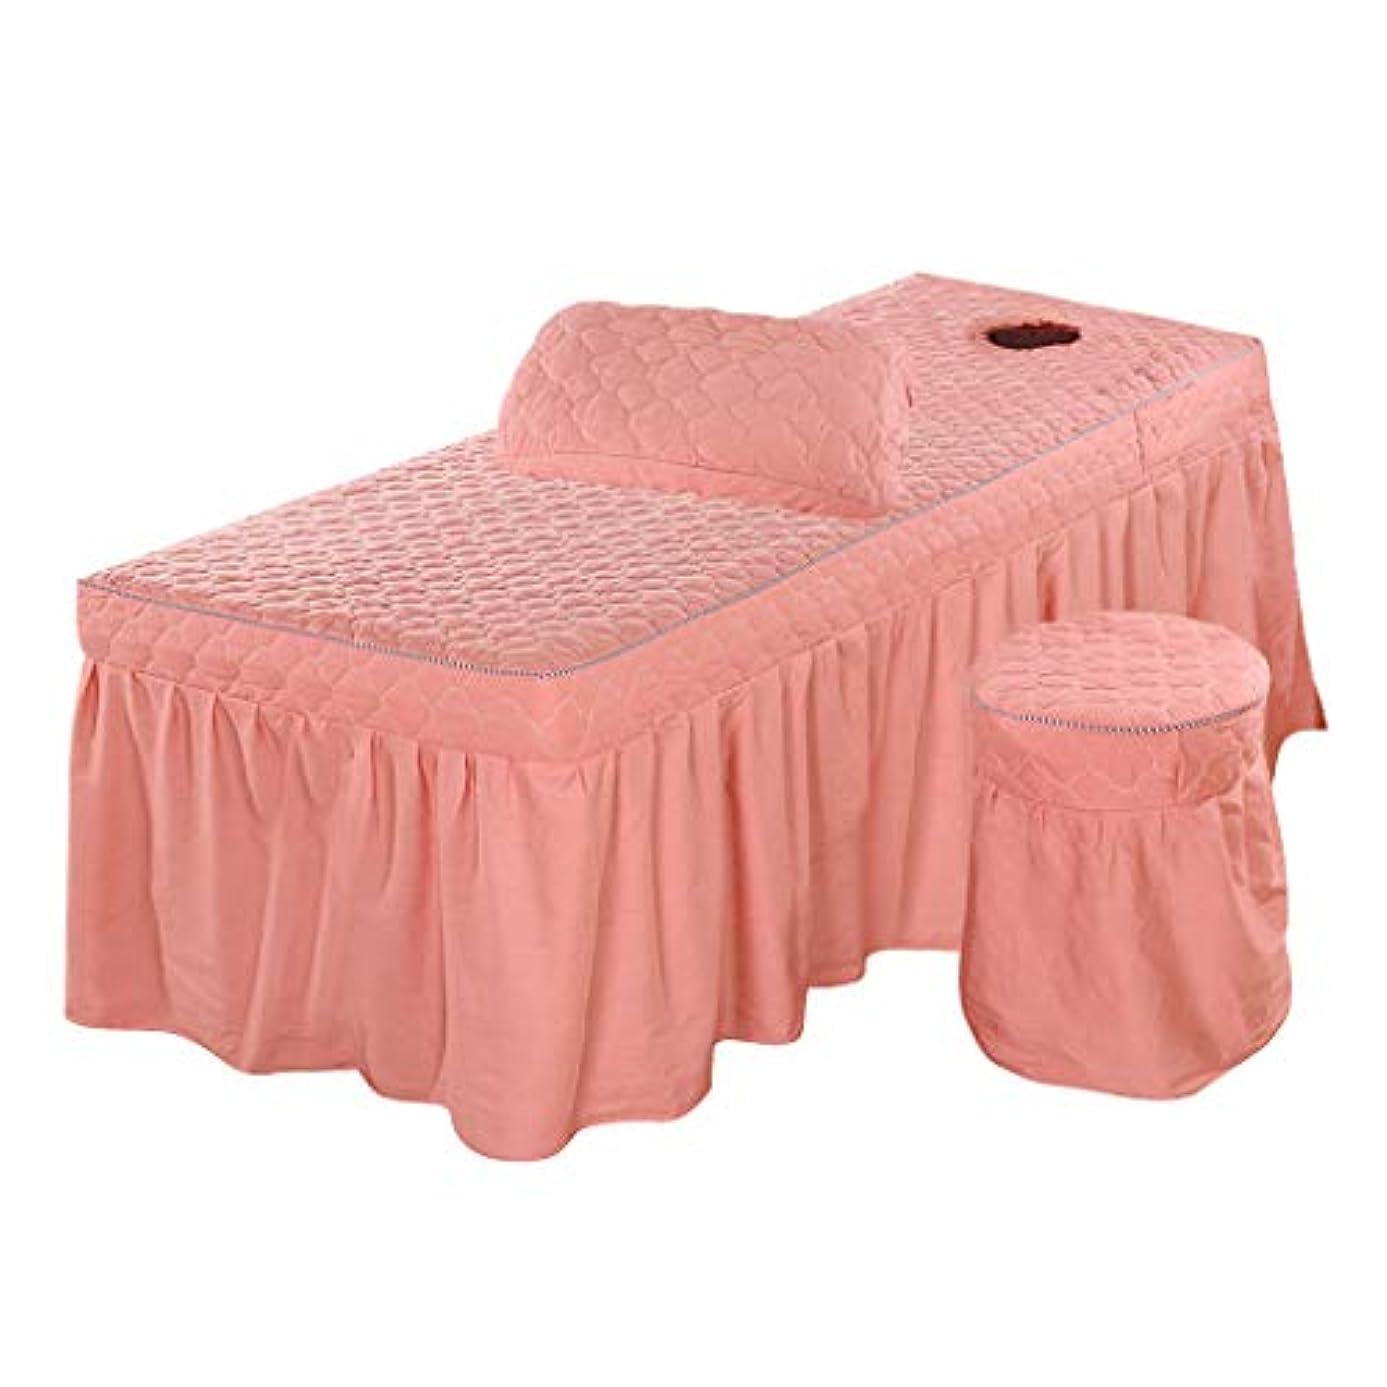 植生無効許される3点セット 美容ベッドスカート 有孔 スツールカバー 枕カバー付き 通気性 - ピンク